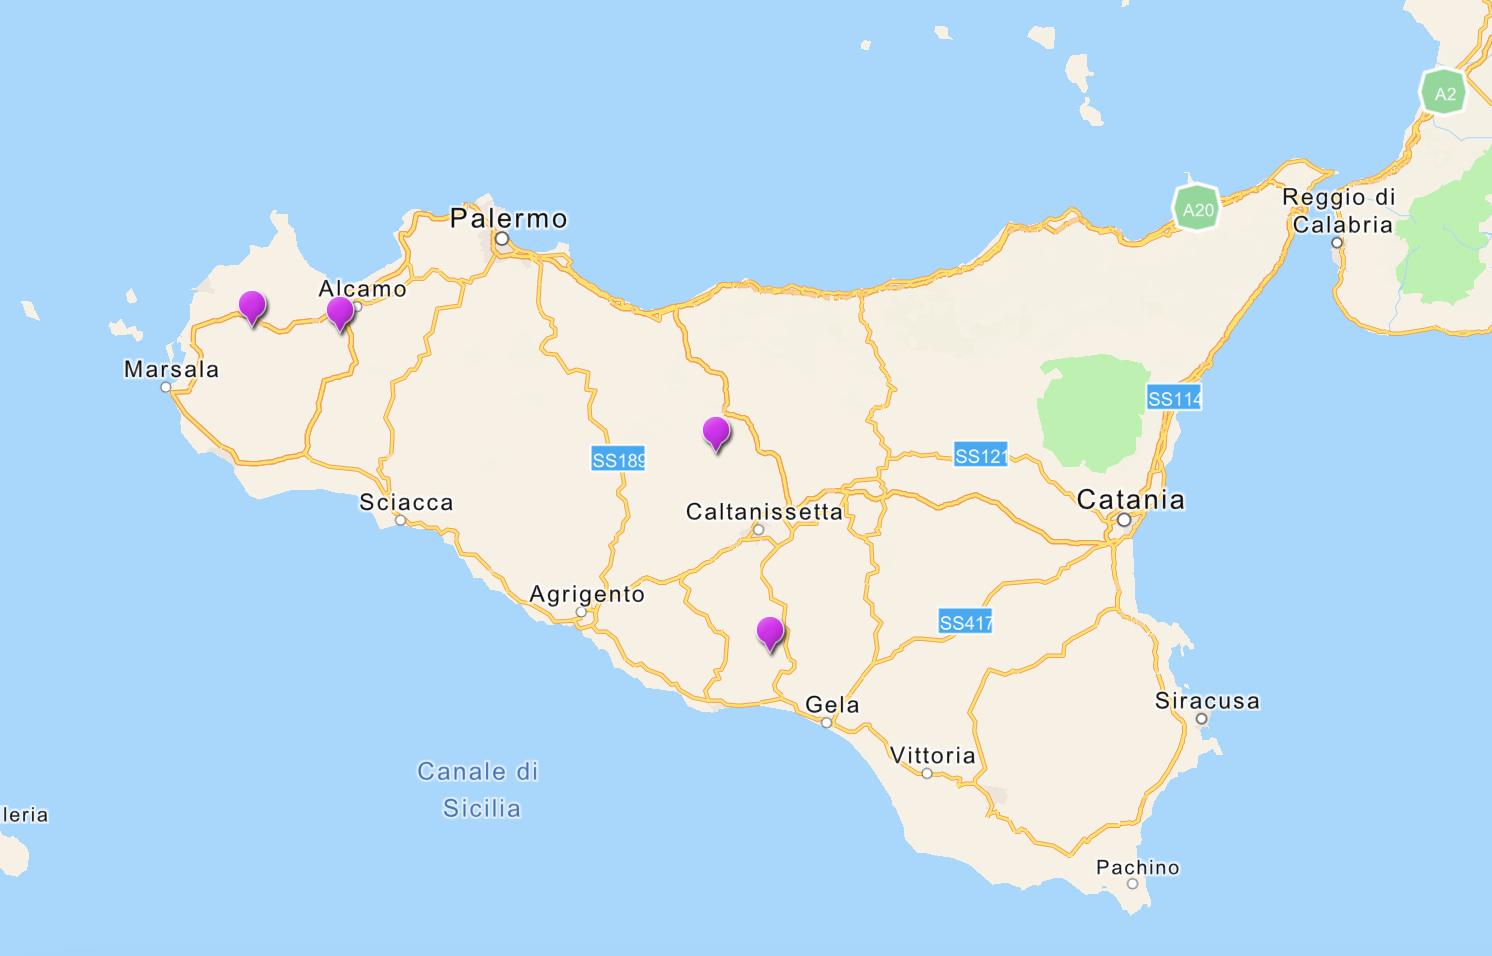 Cartina Sicilia Segesta.Deposito Rifiuti Nucleari Individuate Sette Regioni C E Anche La Sicilia Le Aree Scelte Nell Isola Giornale Di Sicilia